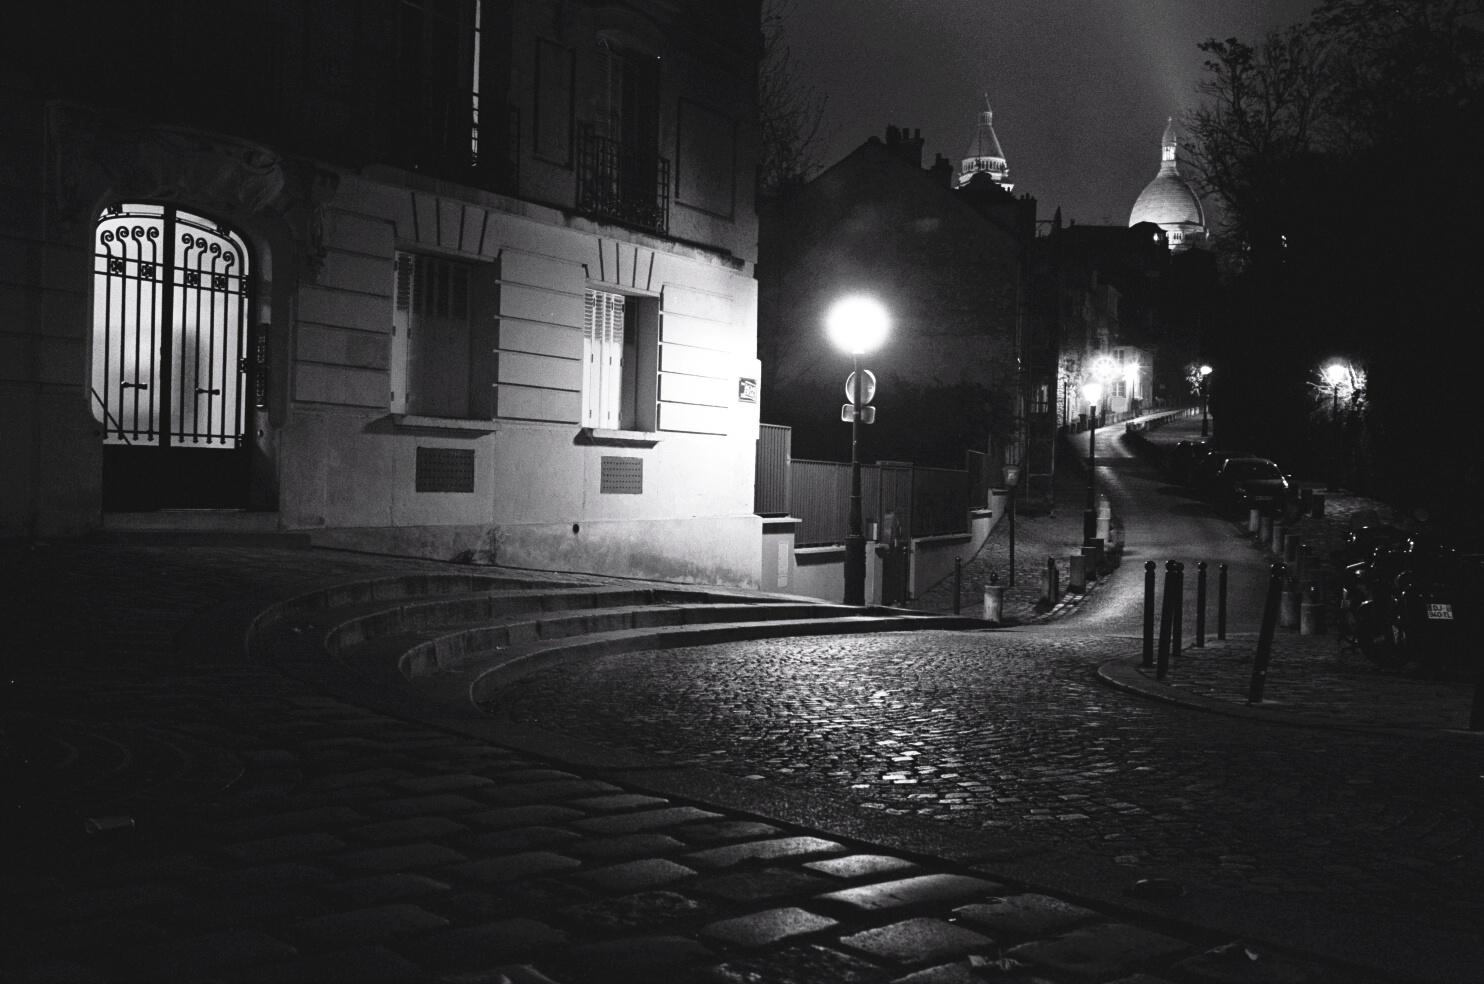 Voyage paris la nuit escale de nuit - Bureau de change rue montmartre ...